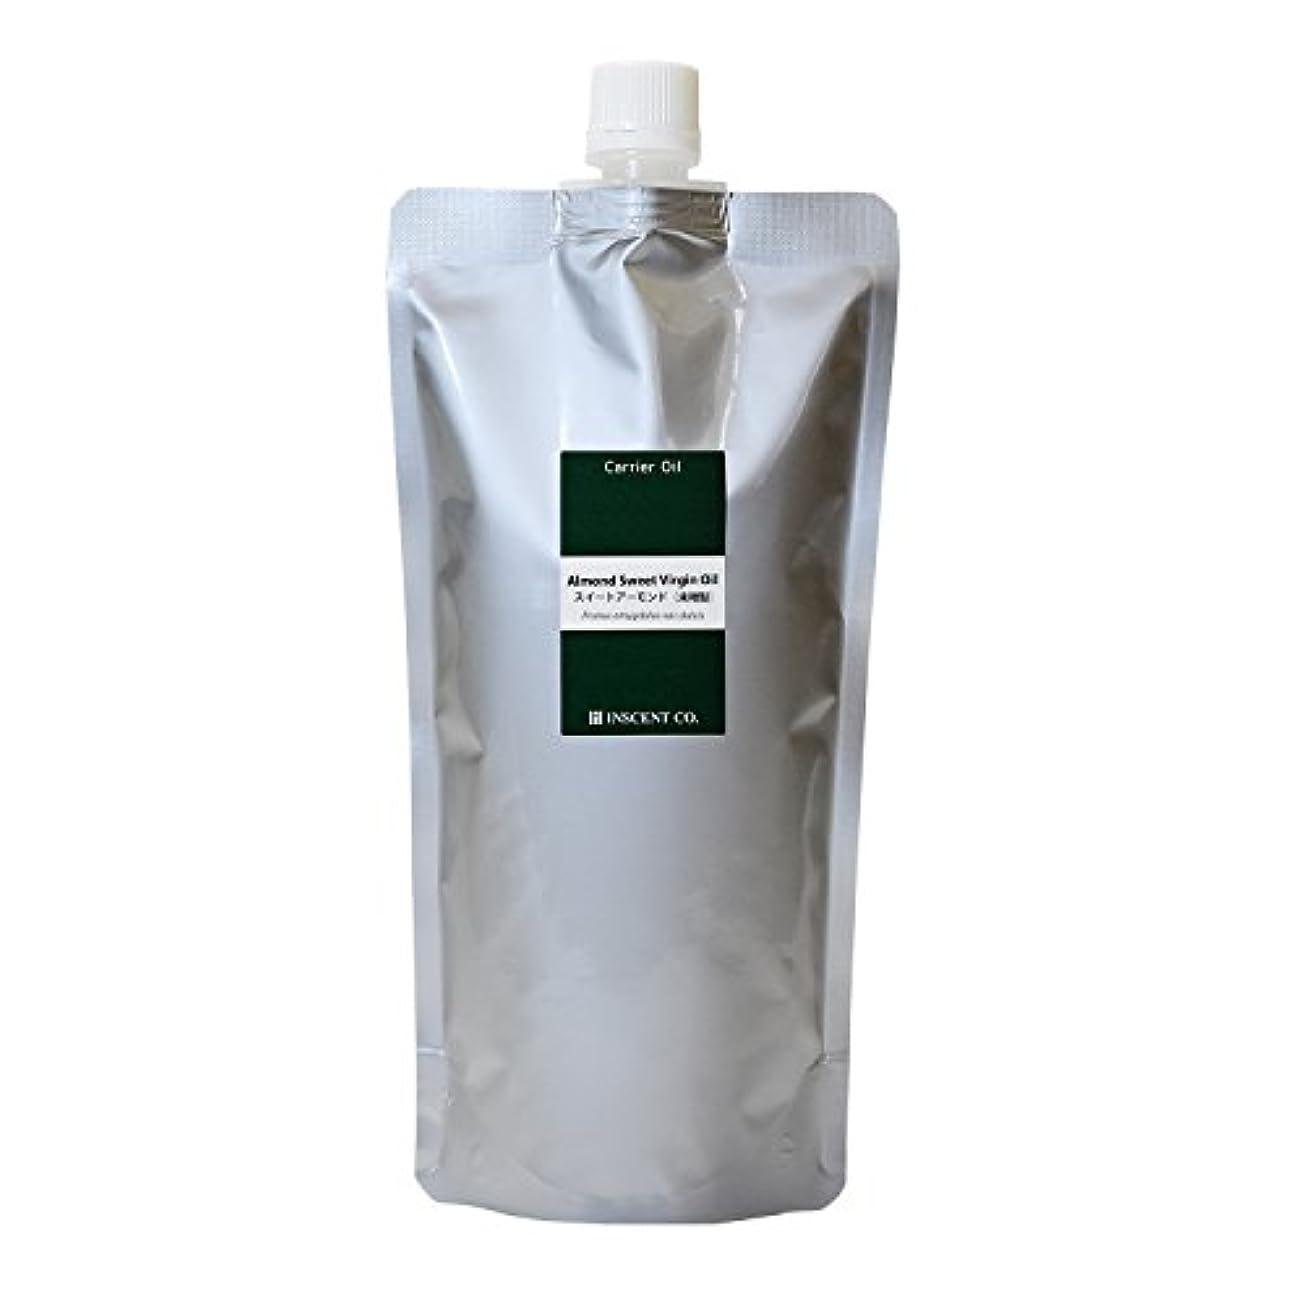 自動的に粘土養うスイートアーモンドオイル[未精製] 500ml ~キャリアオイル(植物油/ベースオイル)~ (※アルミパック入り)